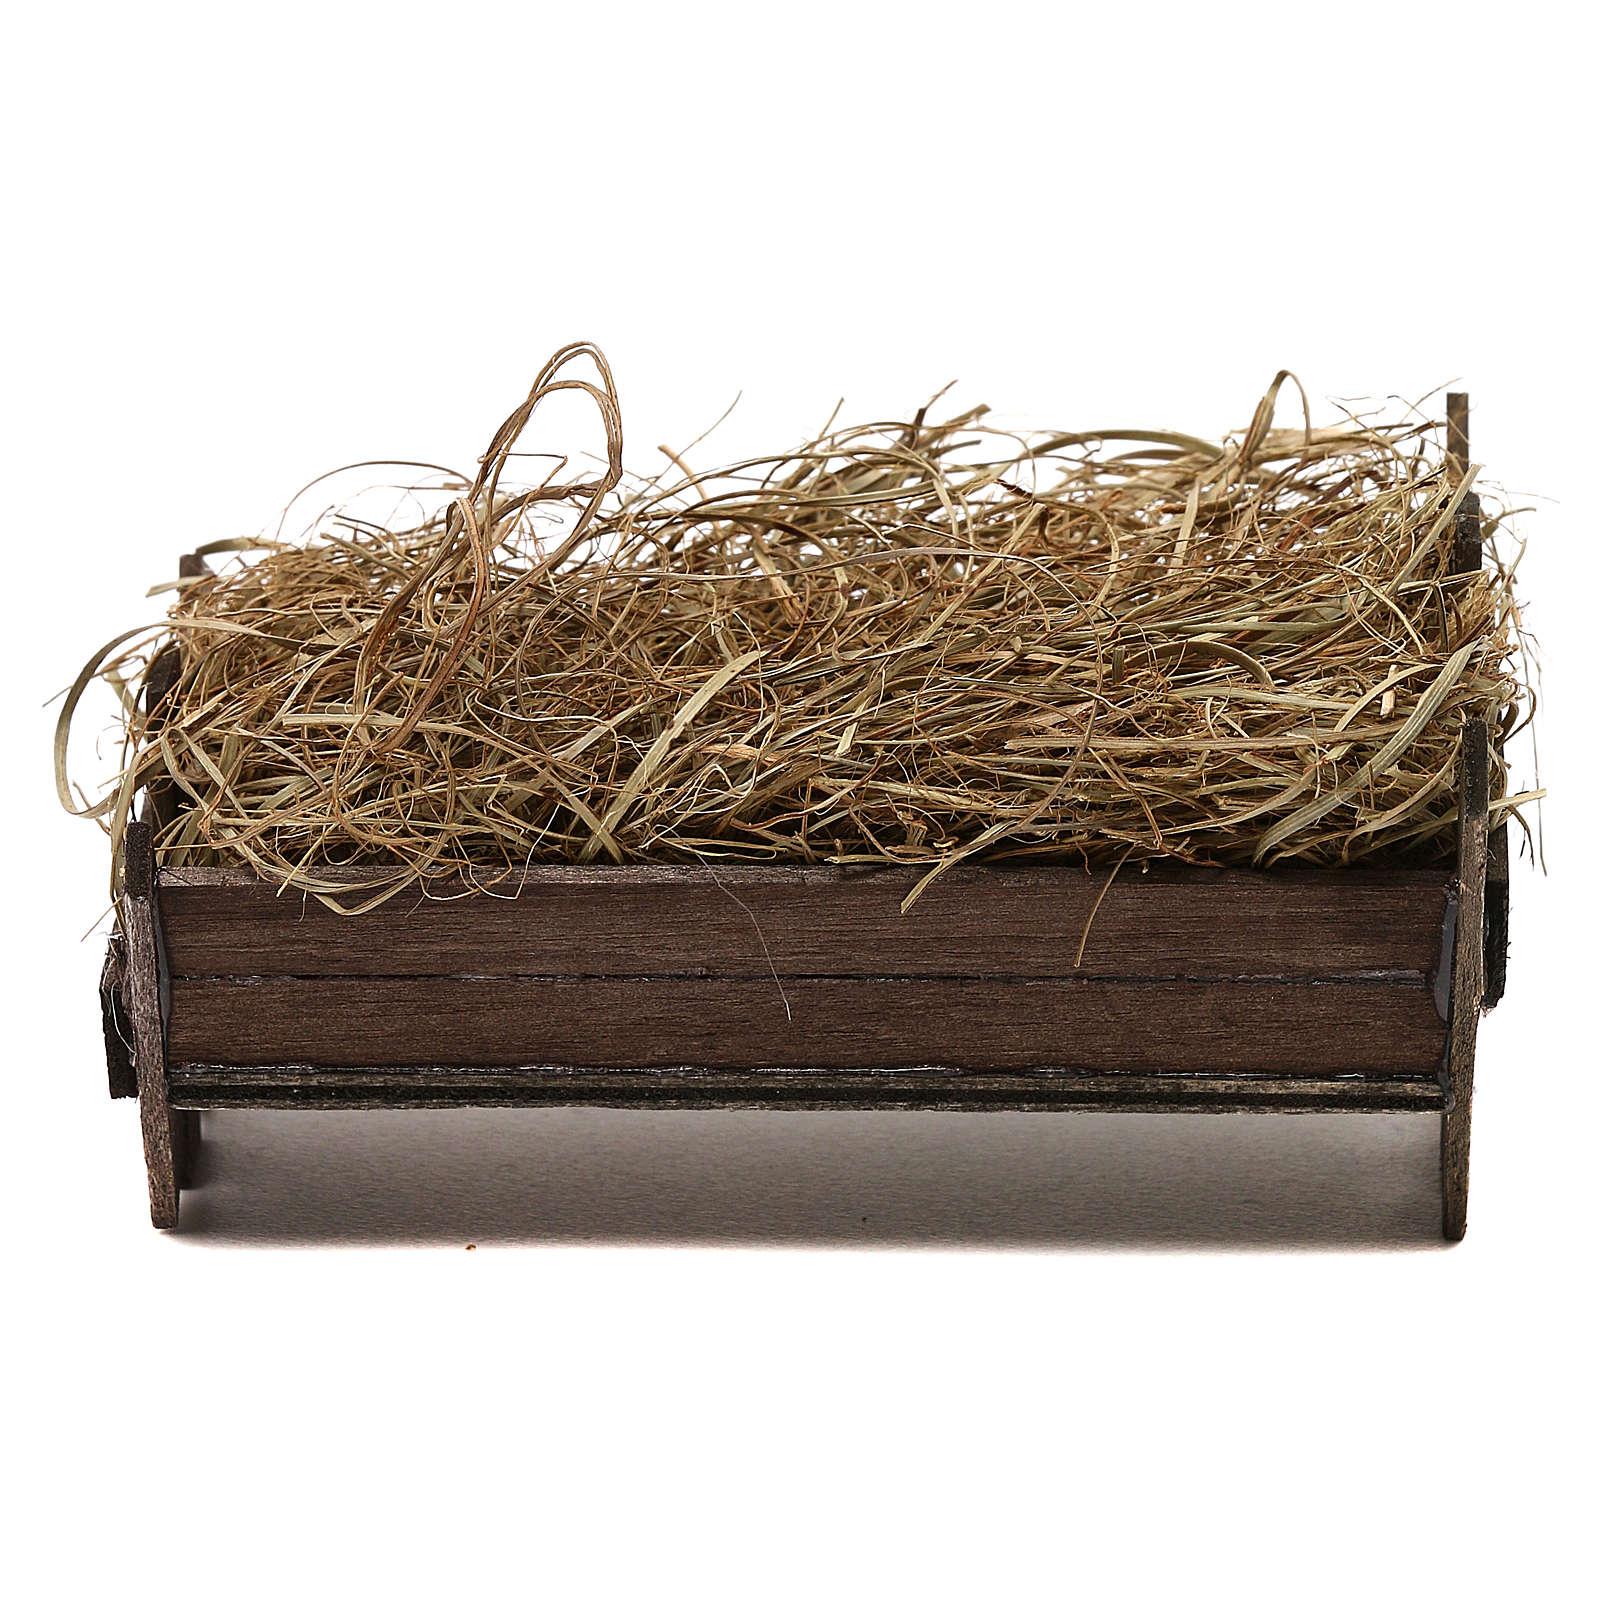 STOCK Manger for Baby Jesus, Neapolitan Nativity scene 20 cm 4